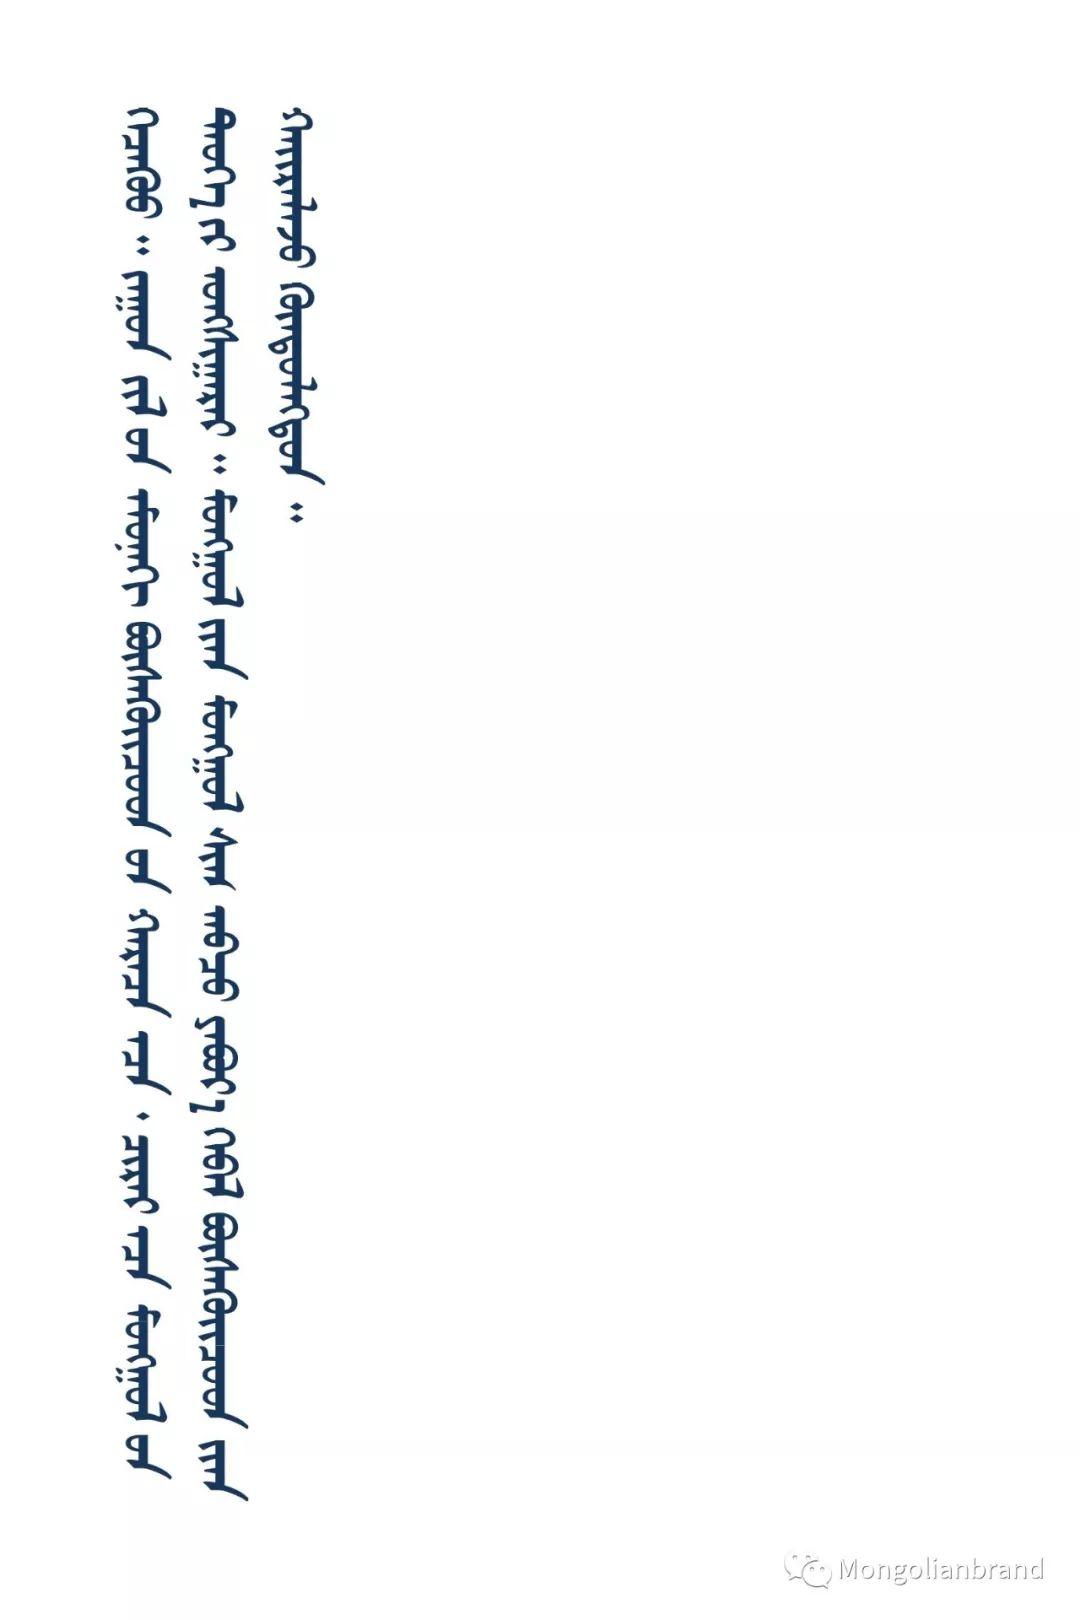 老照片:见证百年前蒙古女性(组图) 第3张 老照片:见证百年前蒙古女性(组图) 蒙古文化